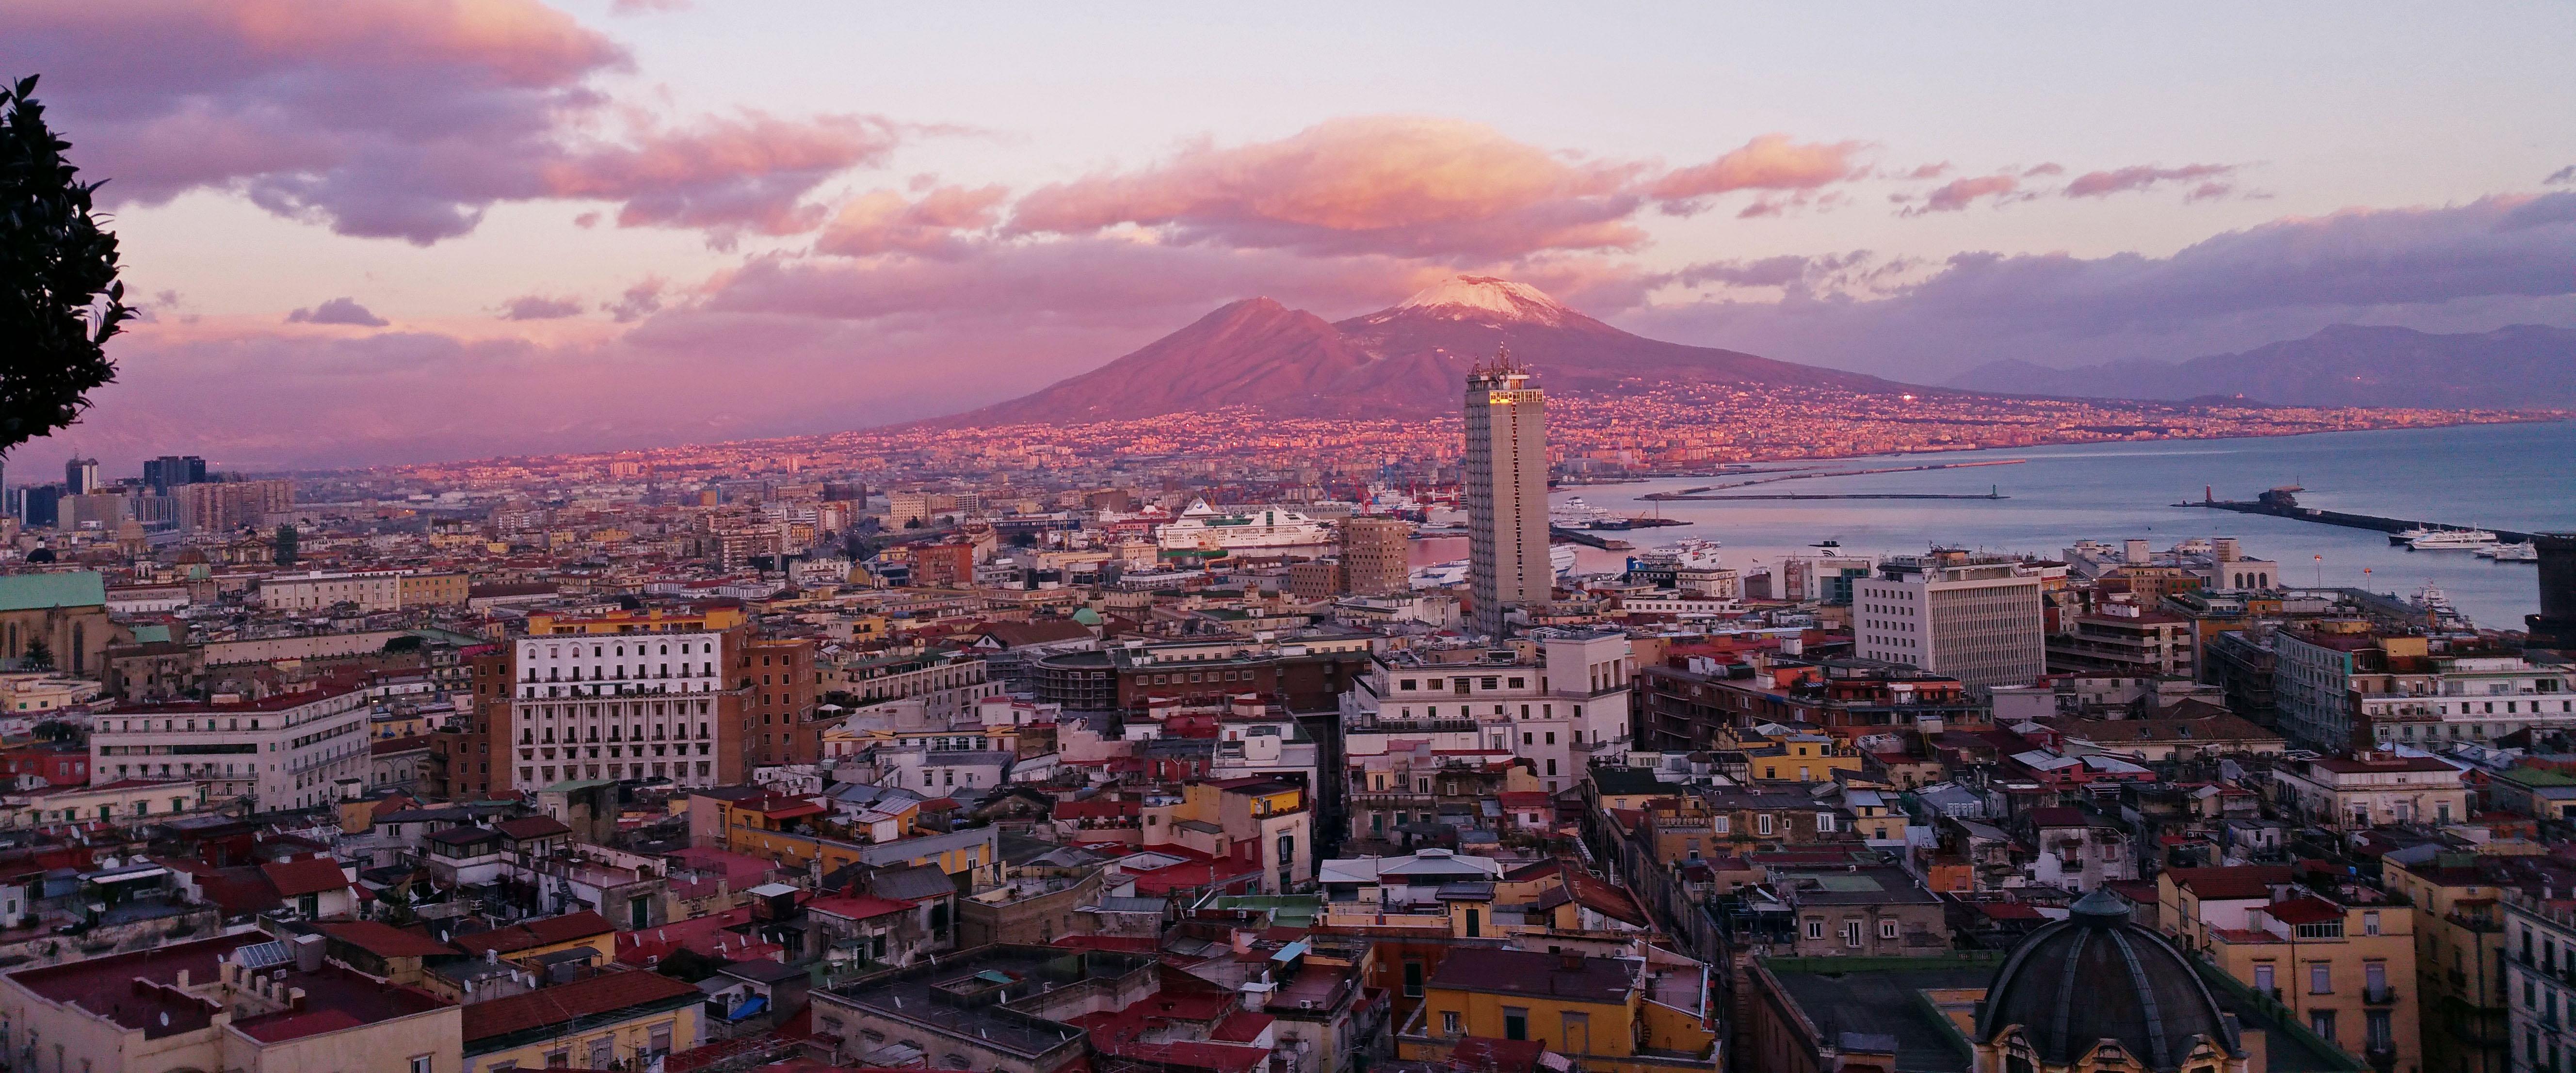 Vesuvius from Naples, Italy